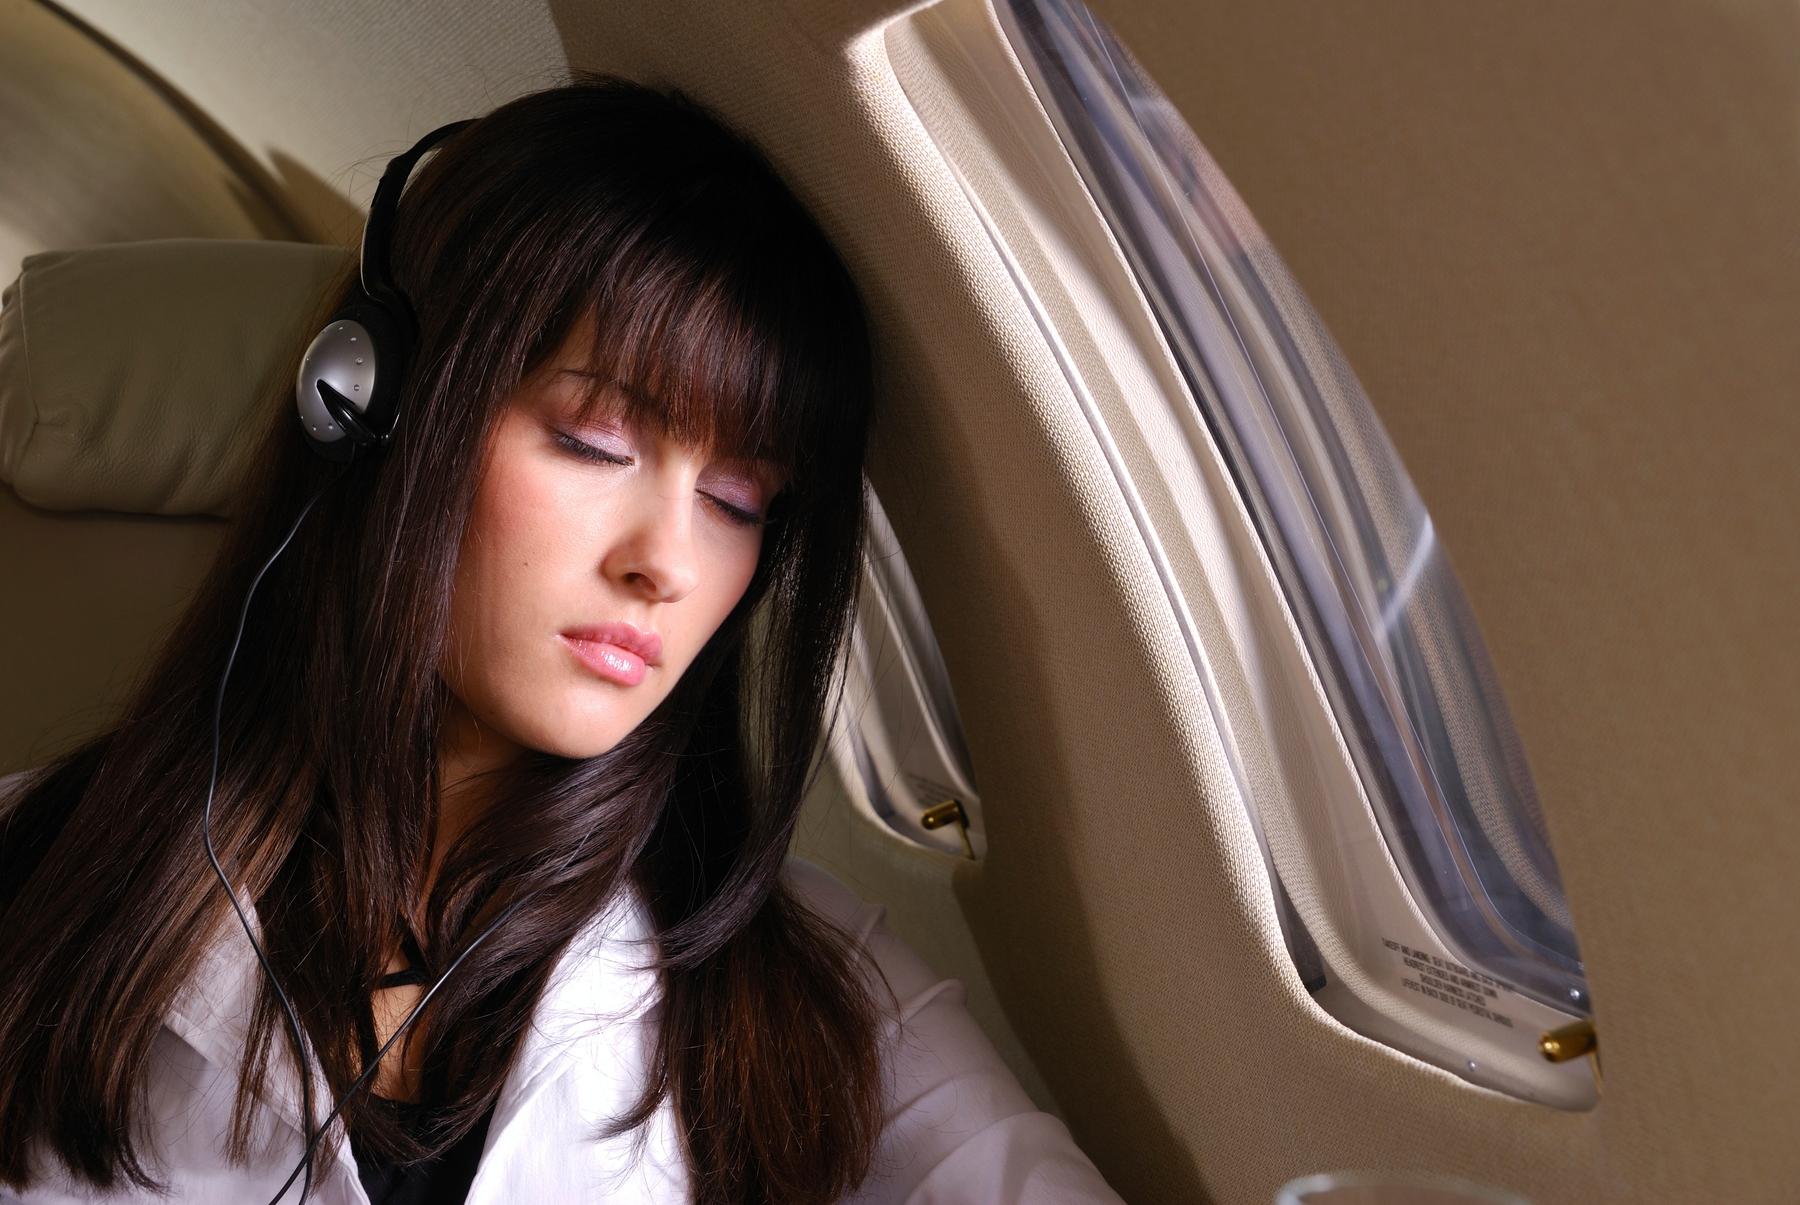 Comfortabel en veilig vliegen: Slapen in het vliegtuig